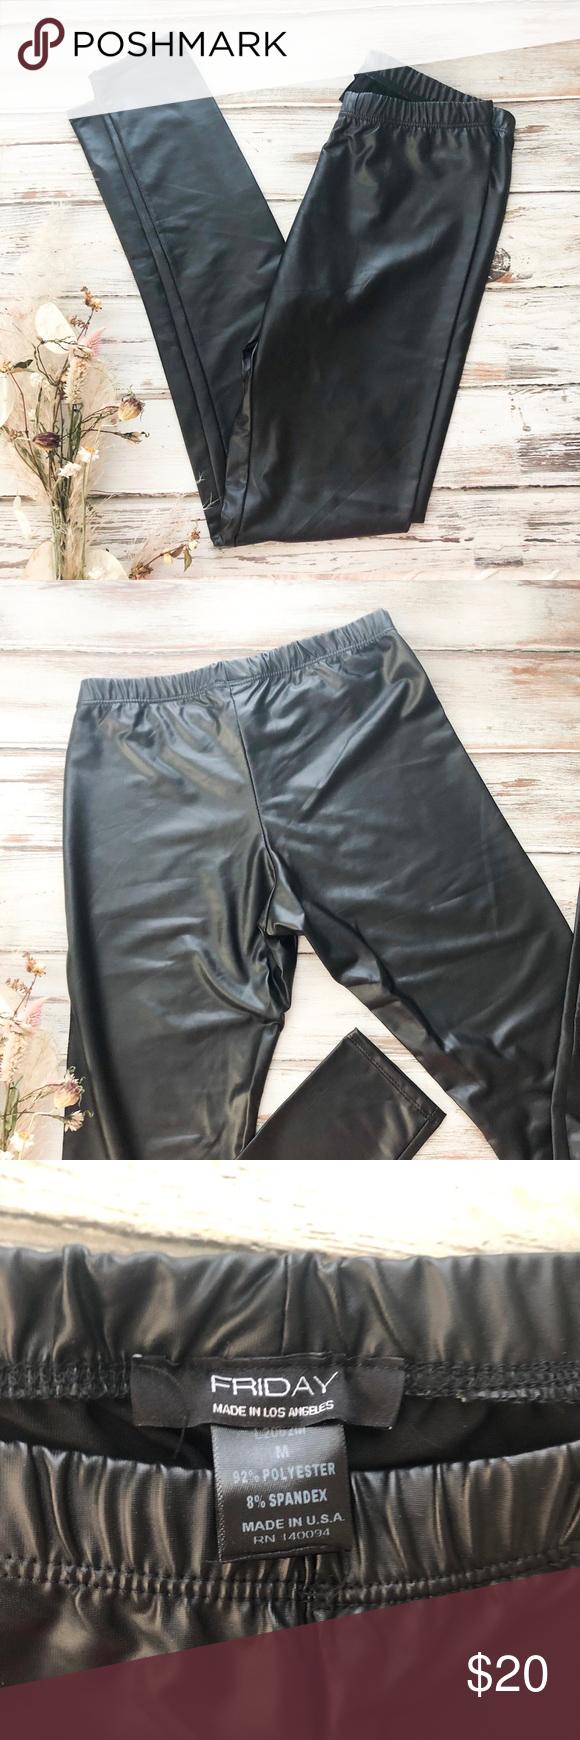 NWOT Vegan Leather Leggings